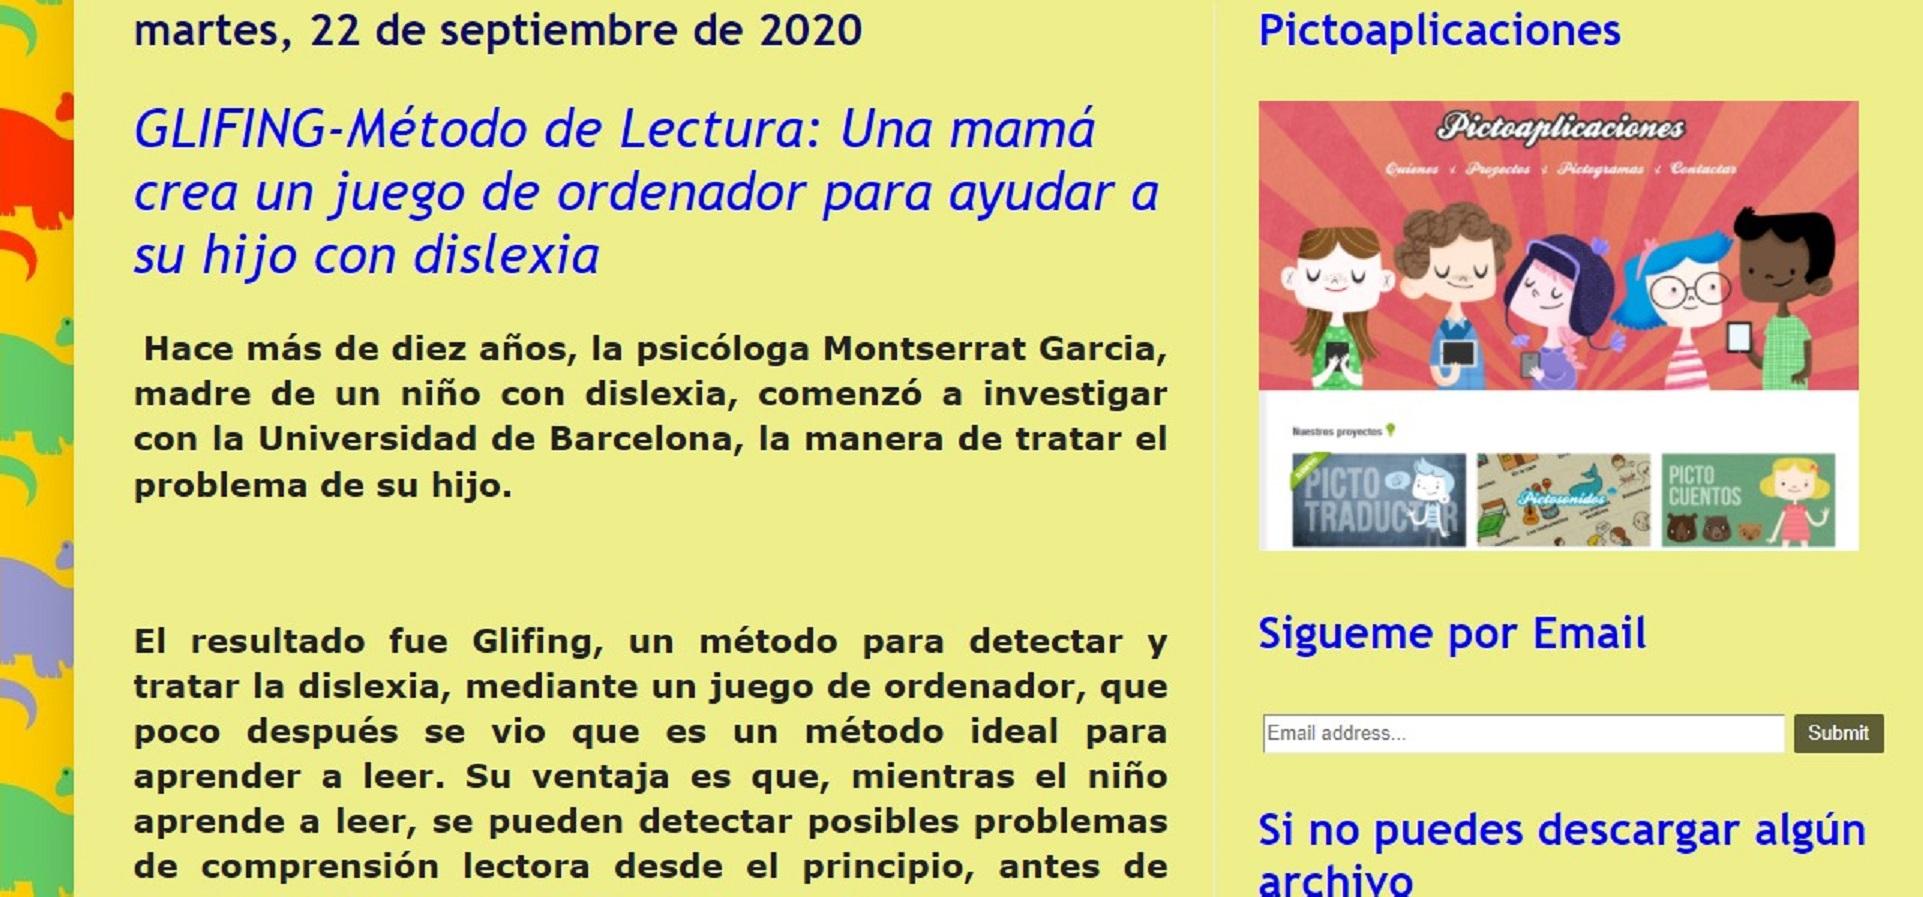 """Glifing en el """"Blog Logopedia"""" - 22/09/2020 gabinete de prensa"""